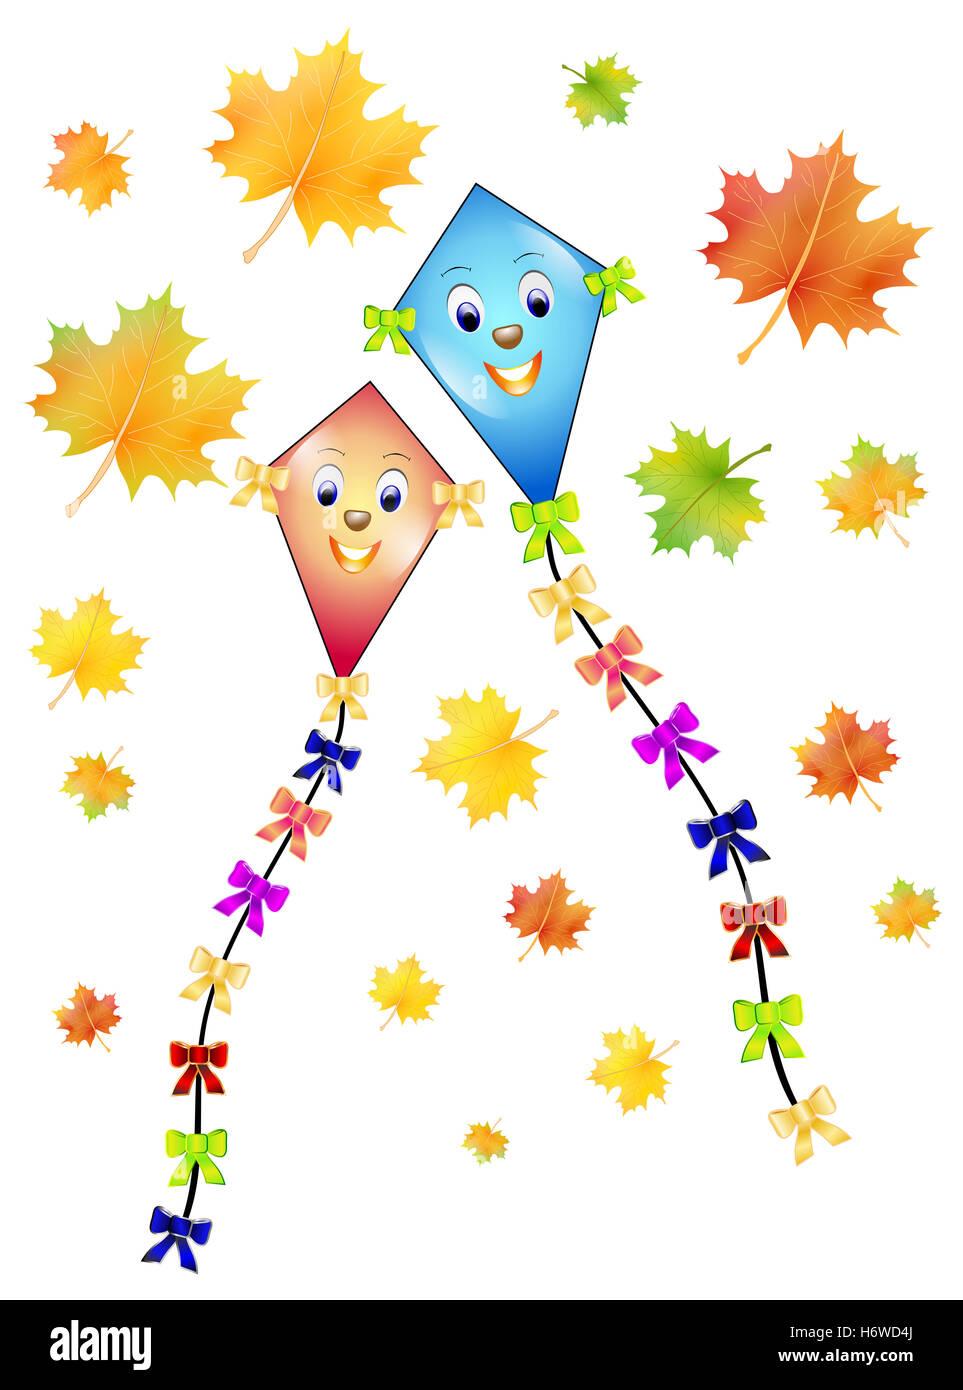 Herbst Drachen Stockfoto Bild 124719634 Alamy